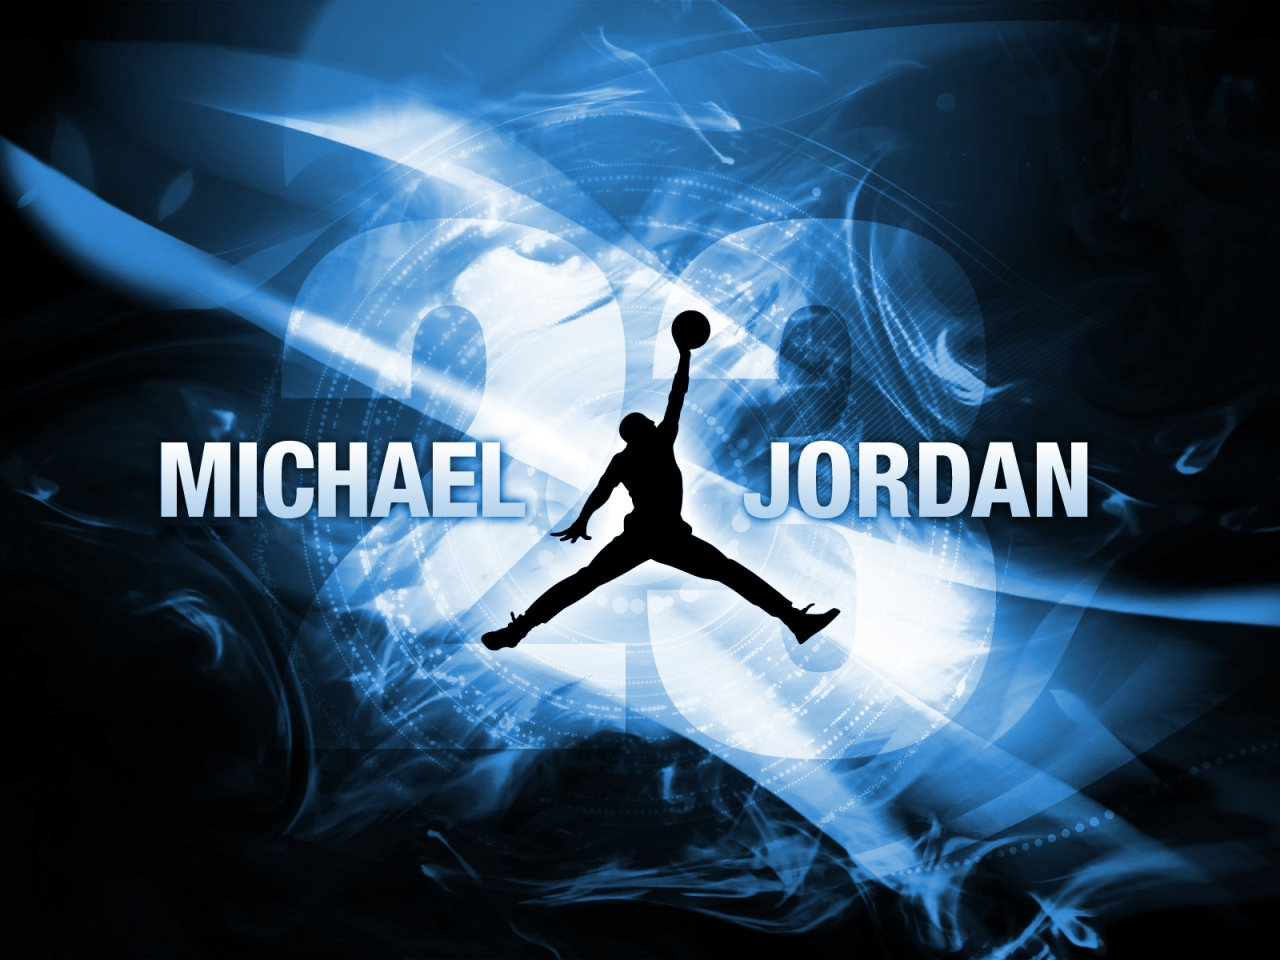 【神様】NBA選手の愛称・ニックネーム・由来まとめ【悪童】